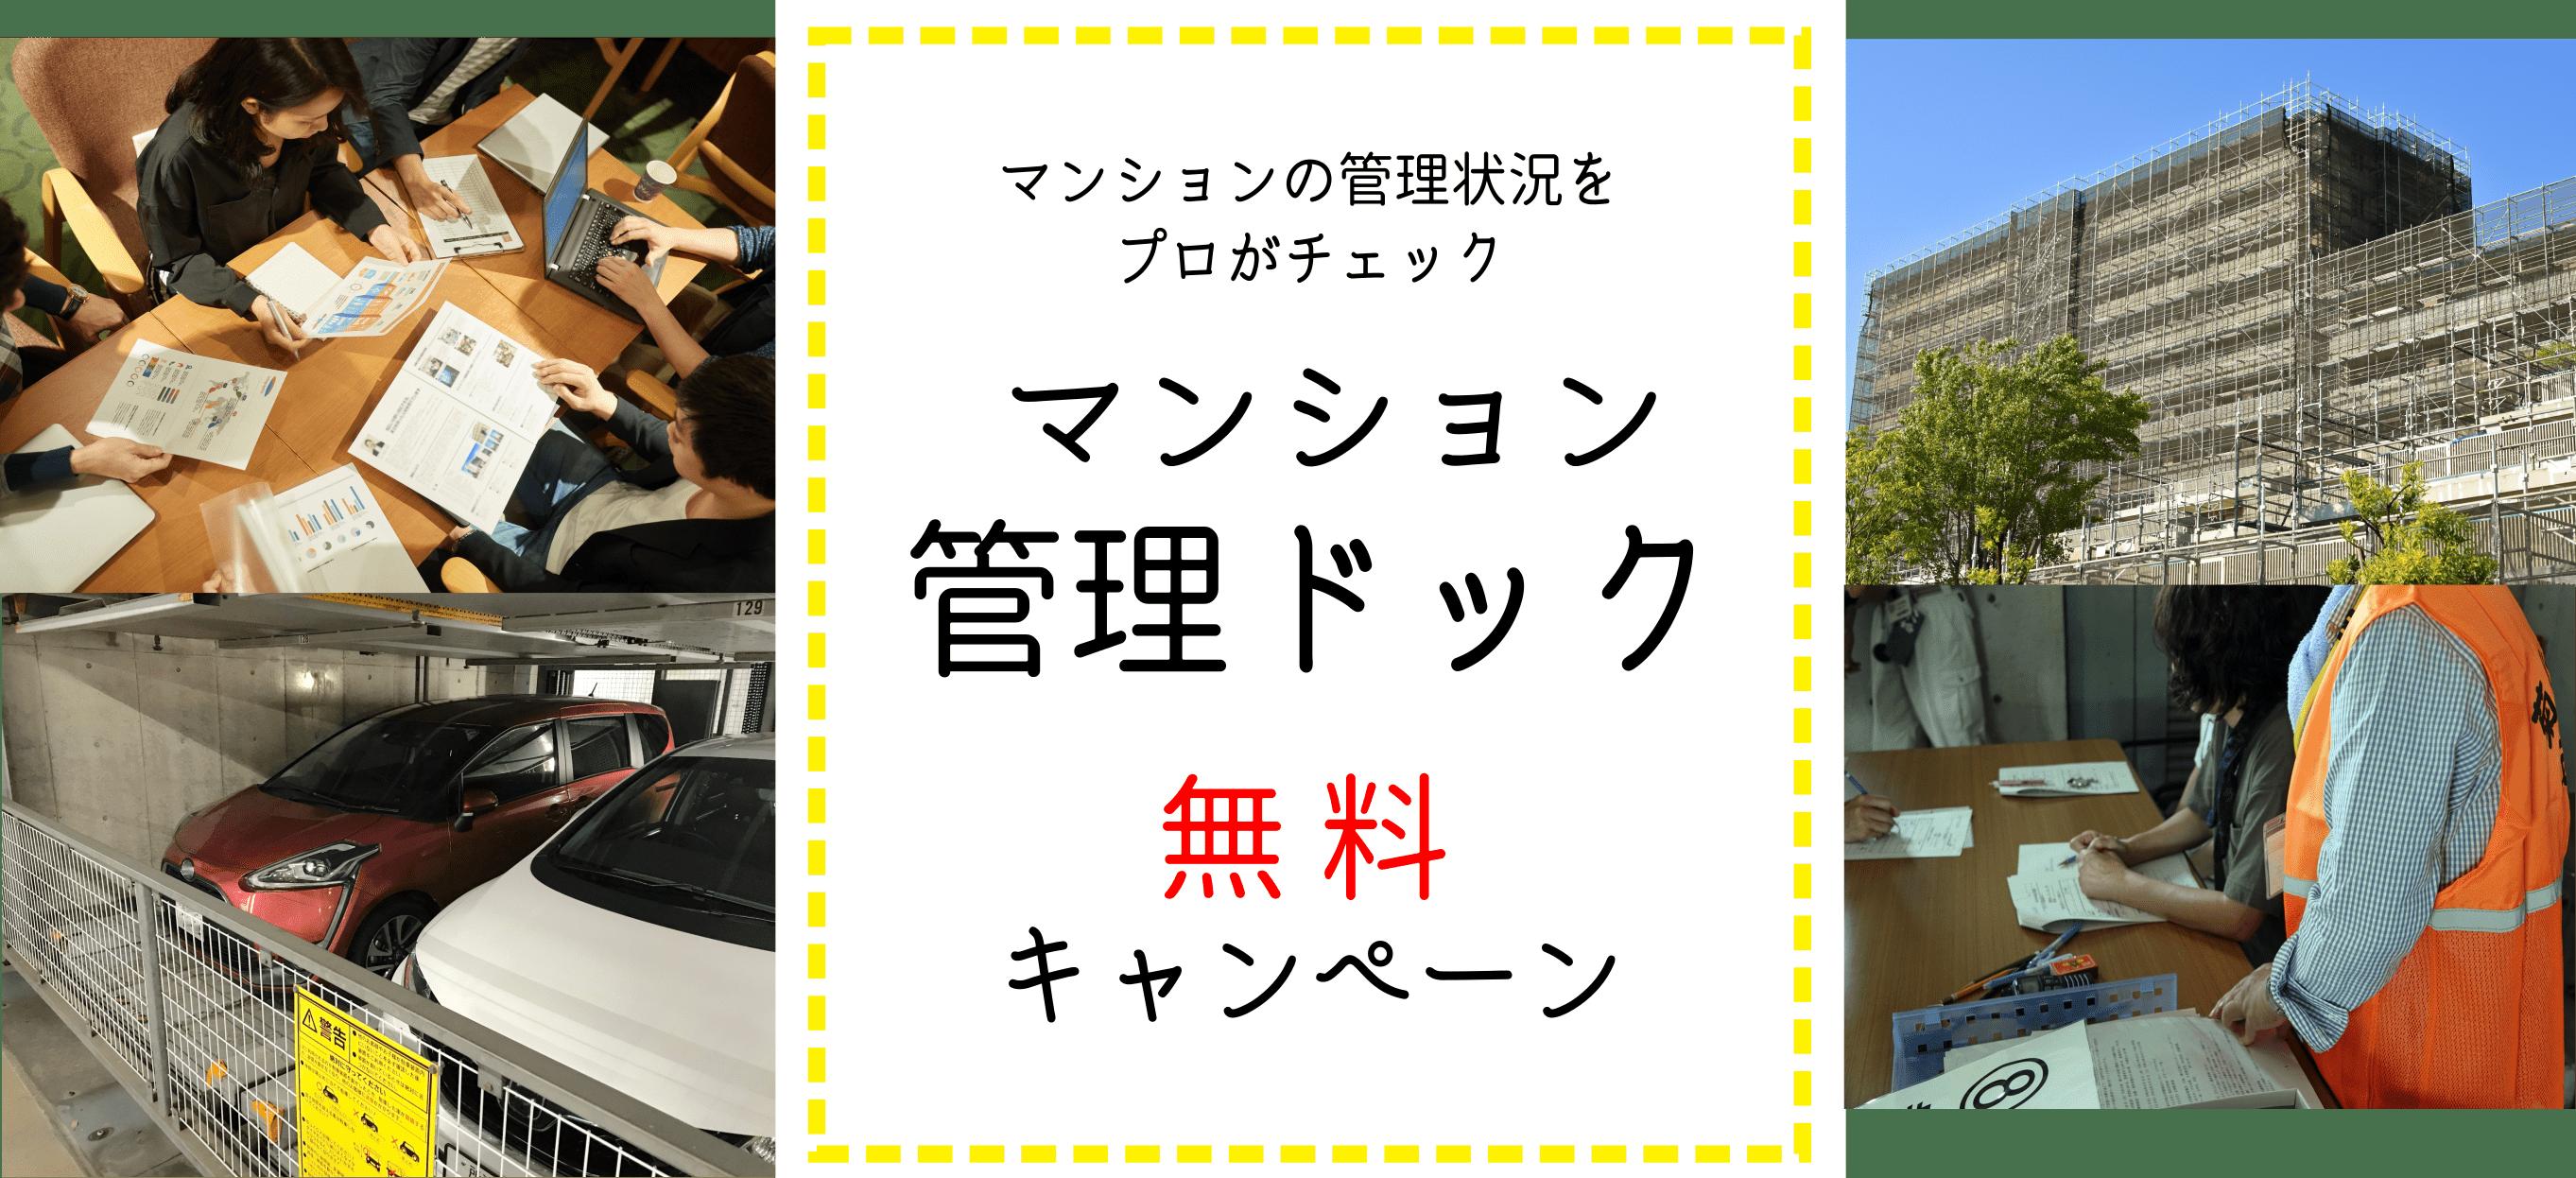 【先着3組合さま無料】マンション管理ドック 無料キャンペーン